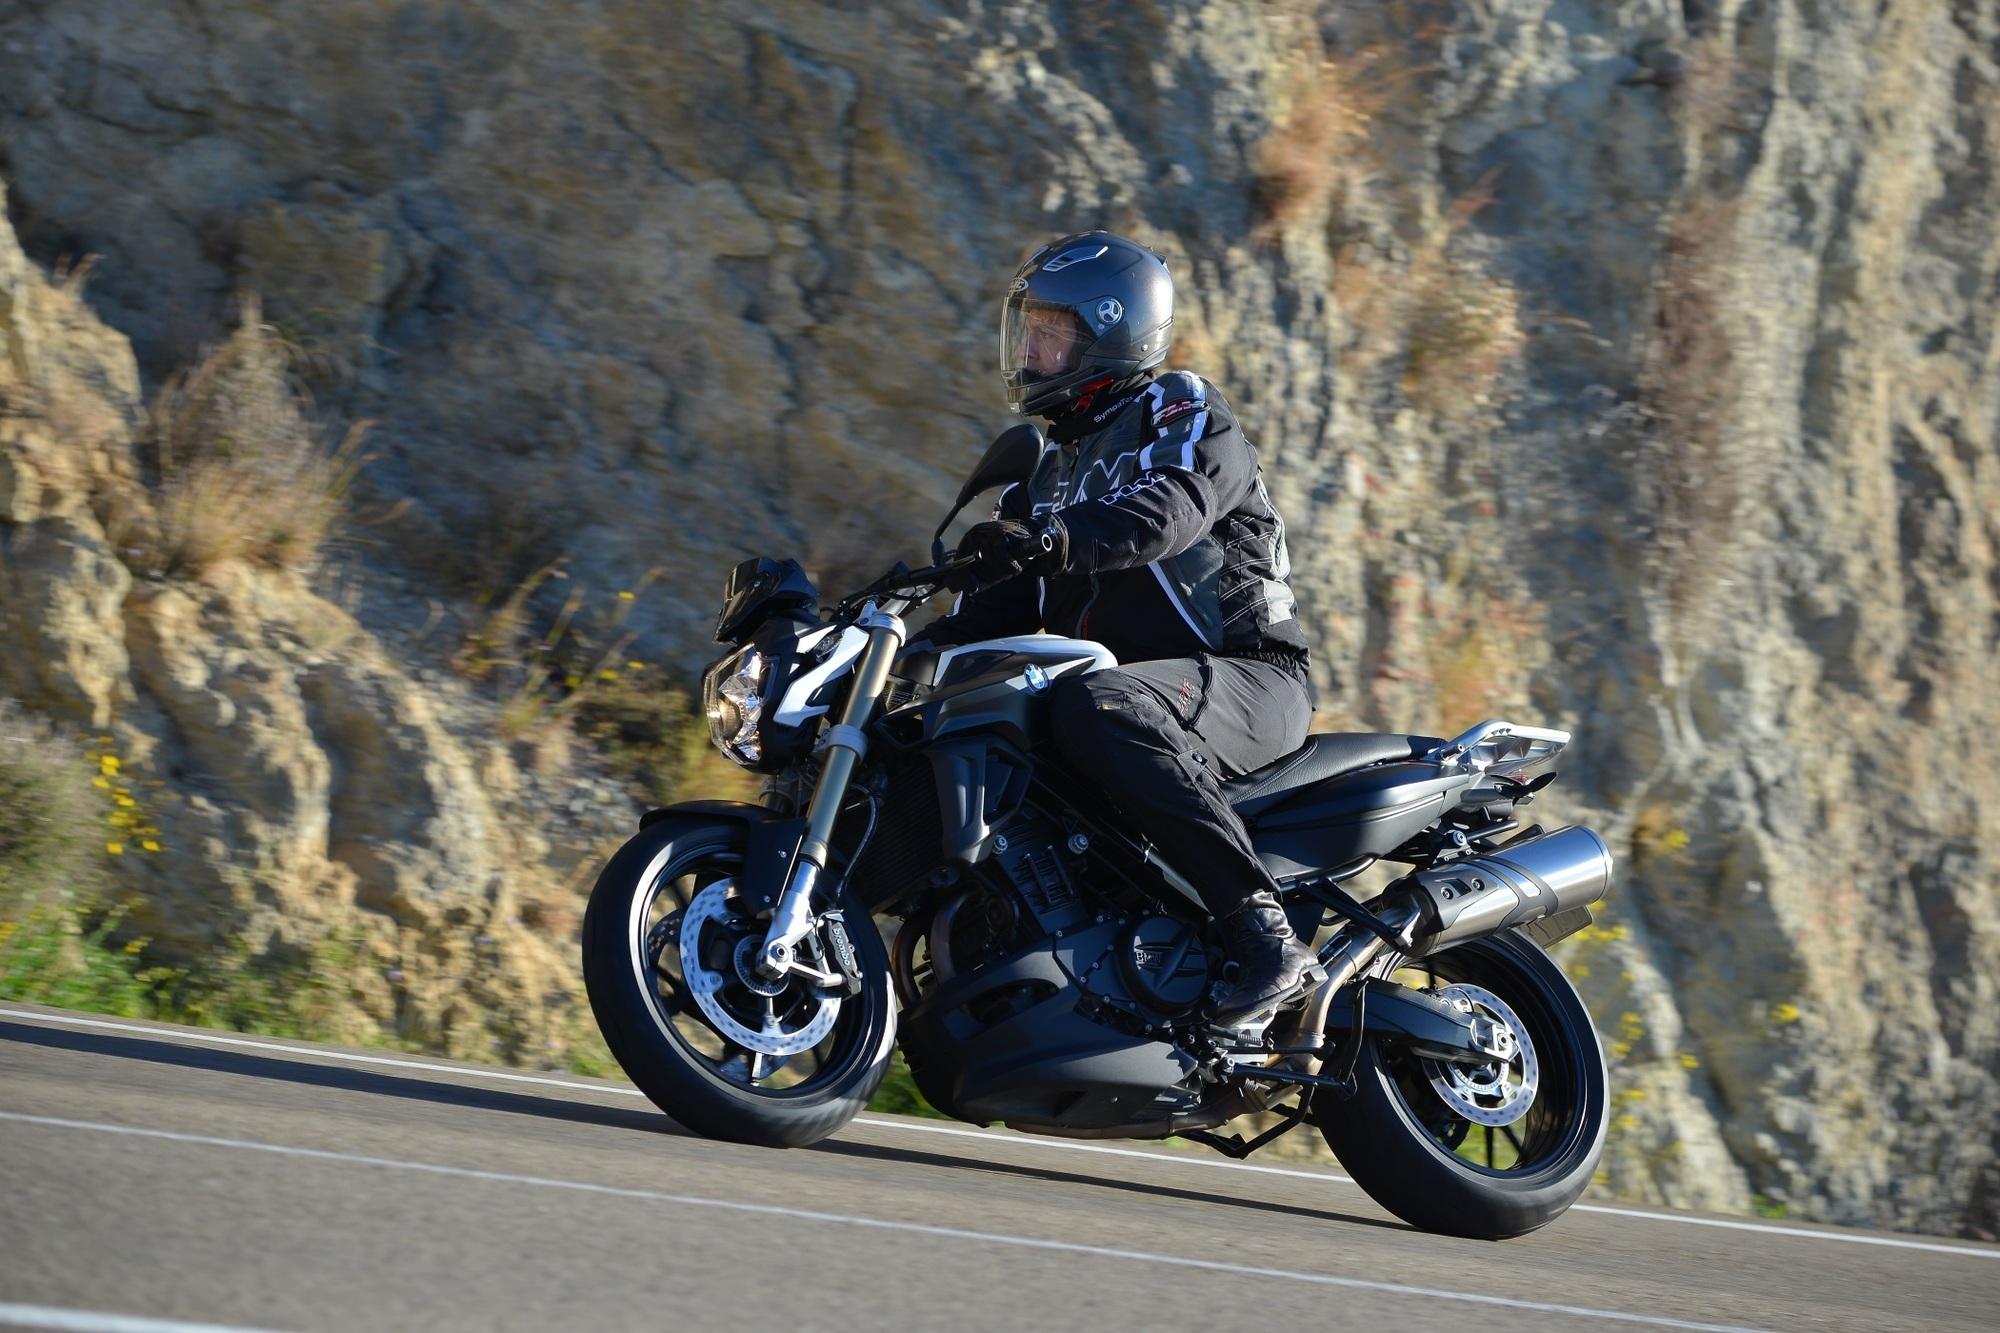 Fahrbericht BMW F 800 R Modelljahr 2015: - Für kleine und große Biker